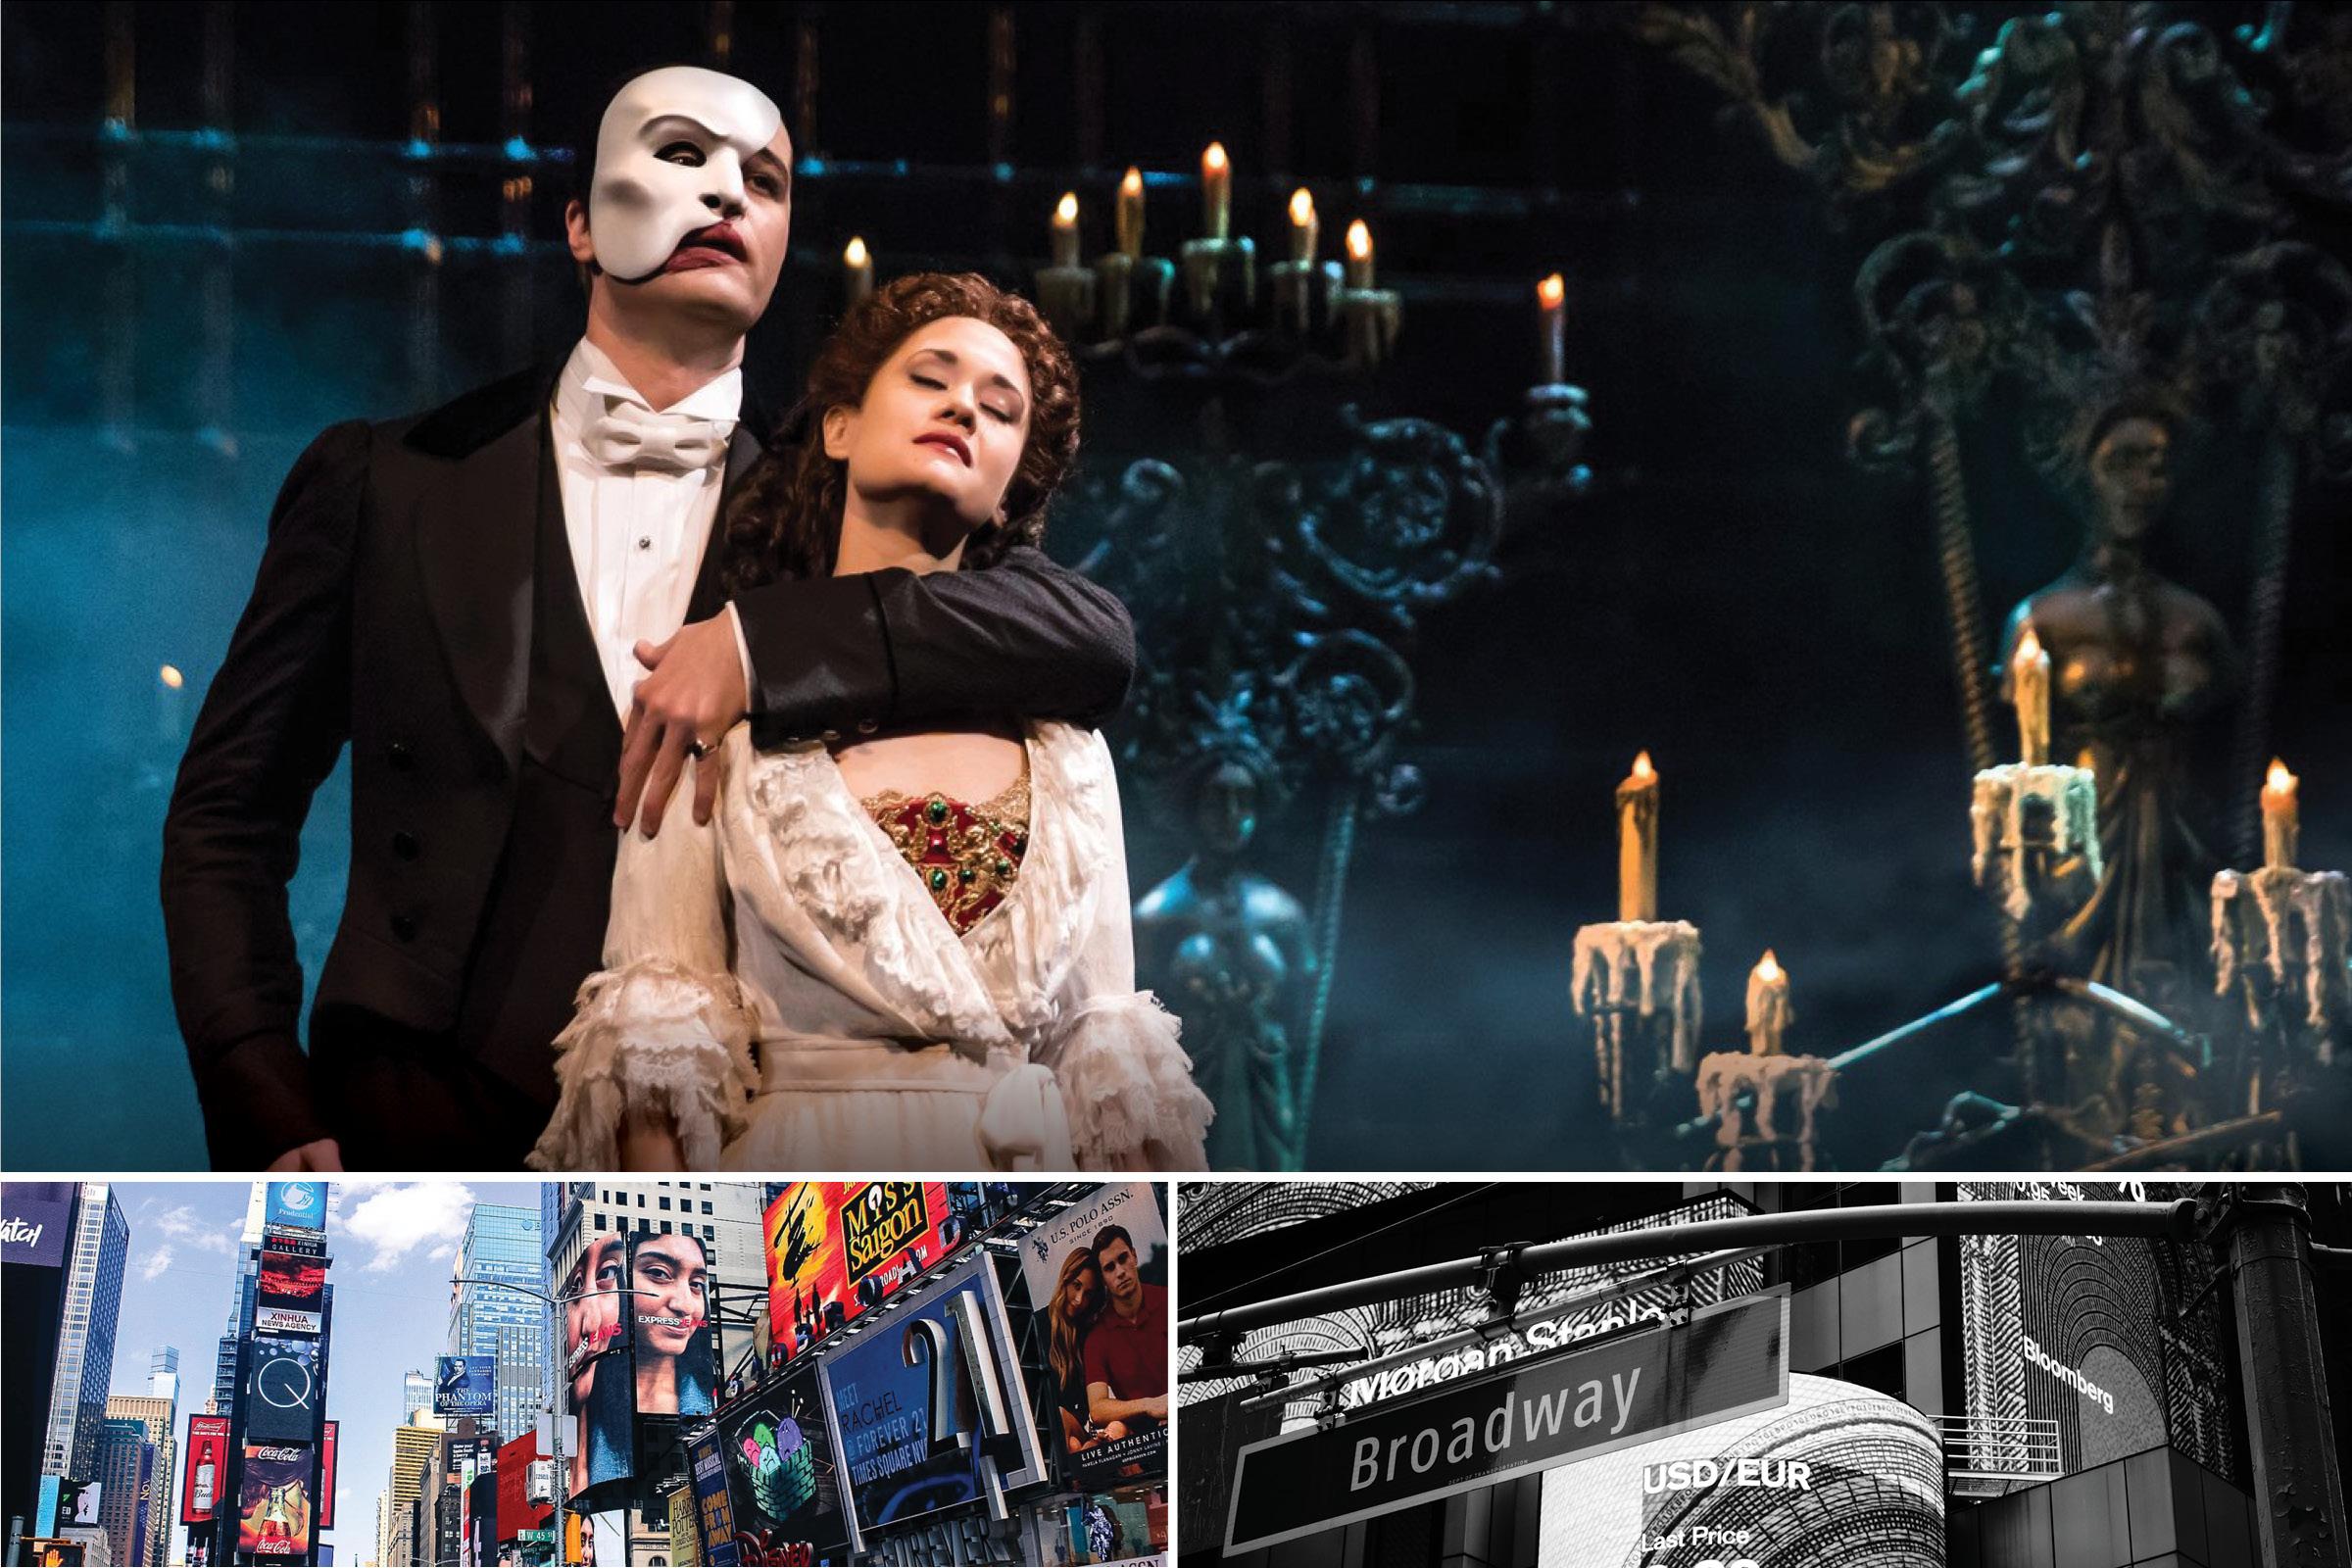 DAG 4 - SÖNDAG - Efter en fullmatad lördag kanske det är dags att uppleva en musikal på klassiska Broadway.Välj själv bland olika musikaler från en lista du tillhandahåller från oss.Phantom of The Opera, Jersey Boys, Lion King, Alladin, King Kong, School of Rock, Chicago, Anastasia och många fler finns.Här kan du se samtliga föreställningar du har att välja mellan. LänkObservera att du själv väljer vilken av kvällarna du ser föreställningen på Broadway.